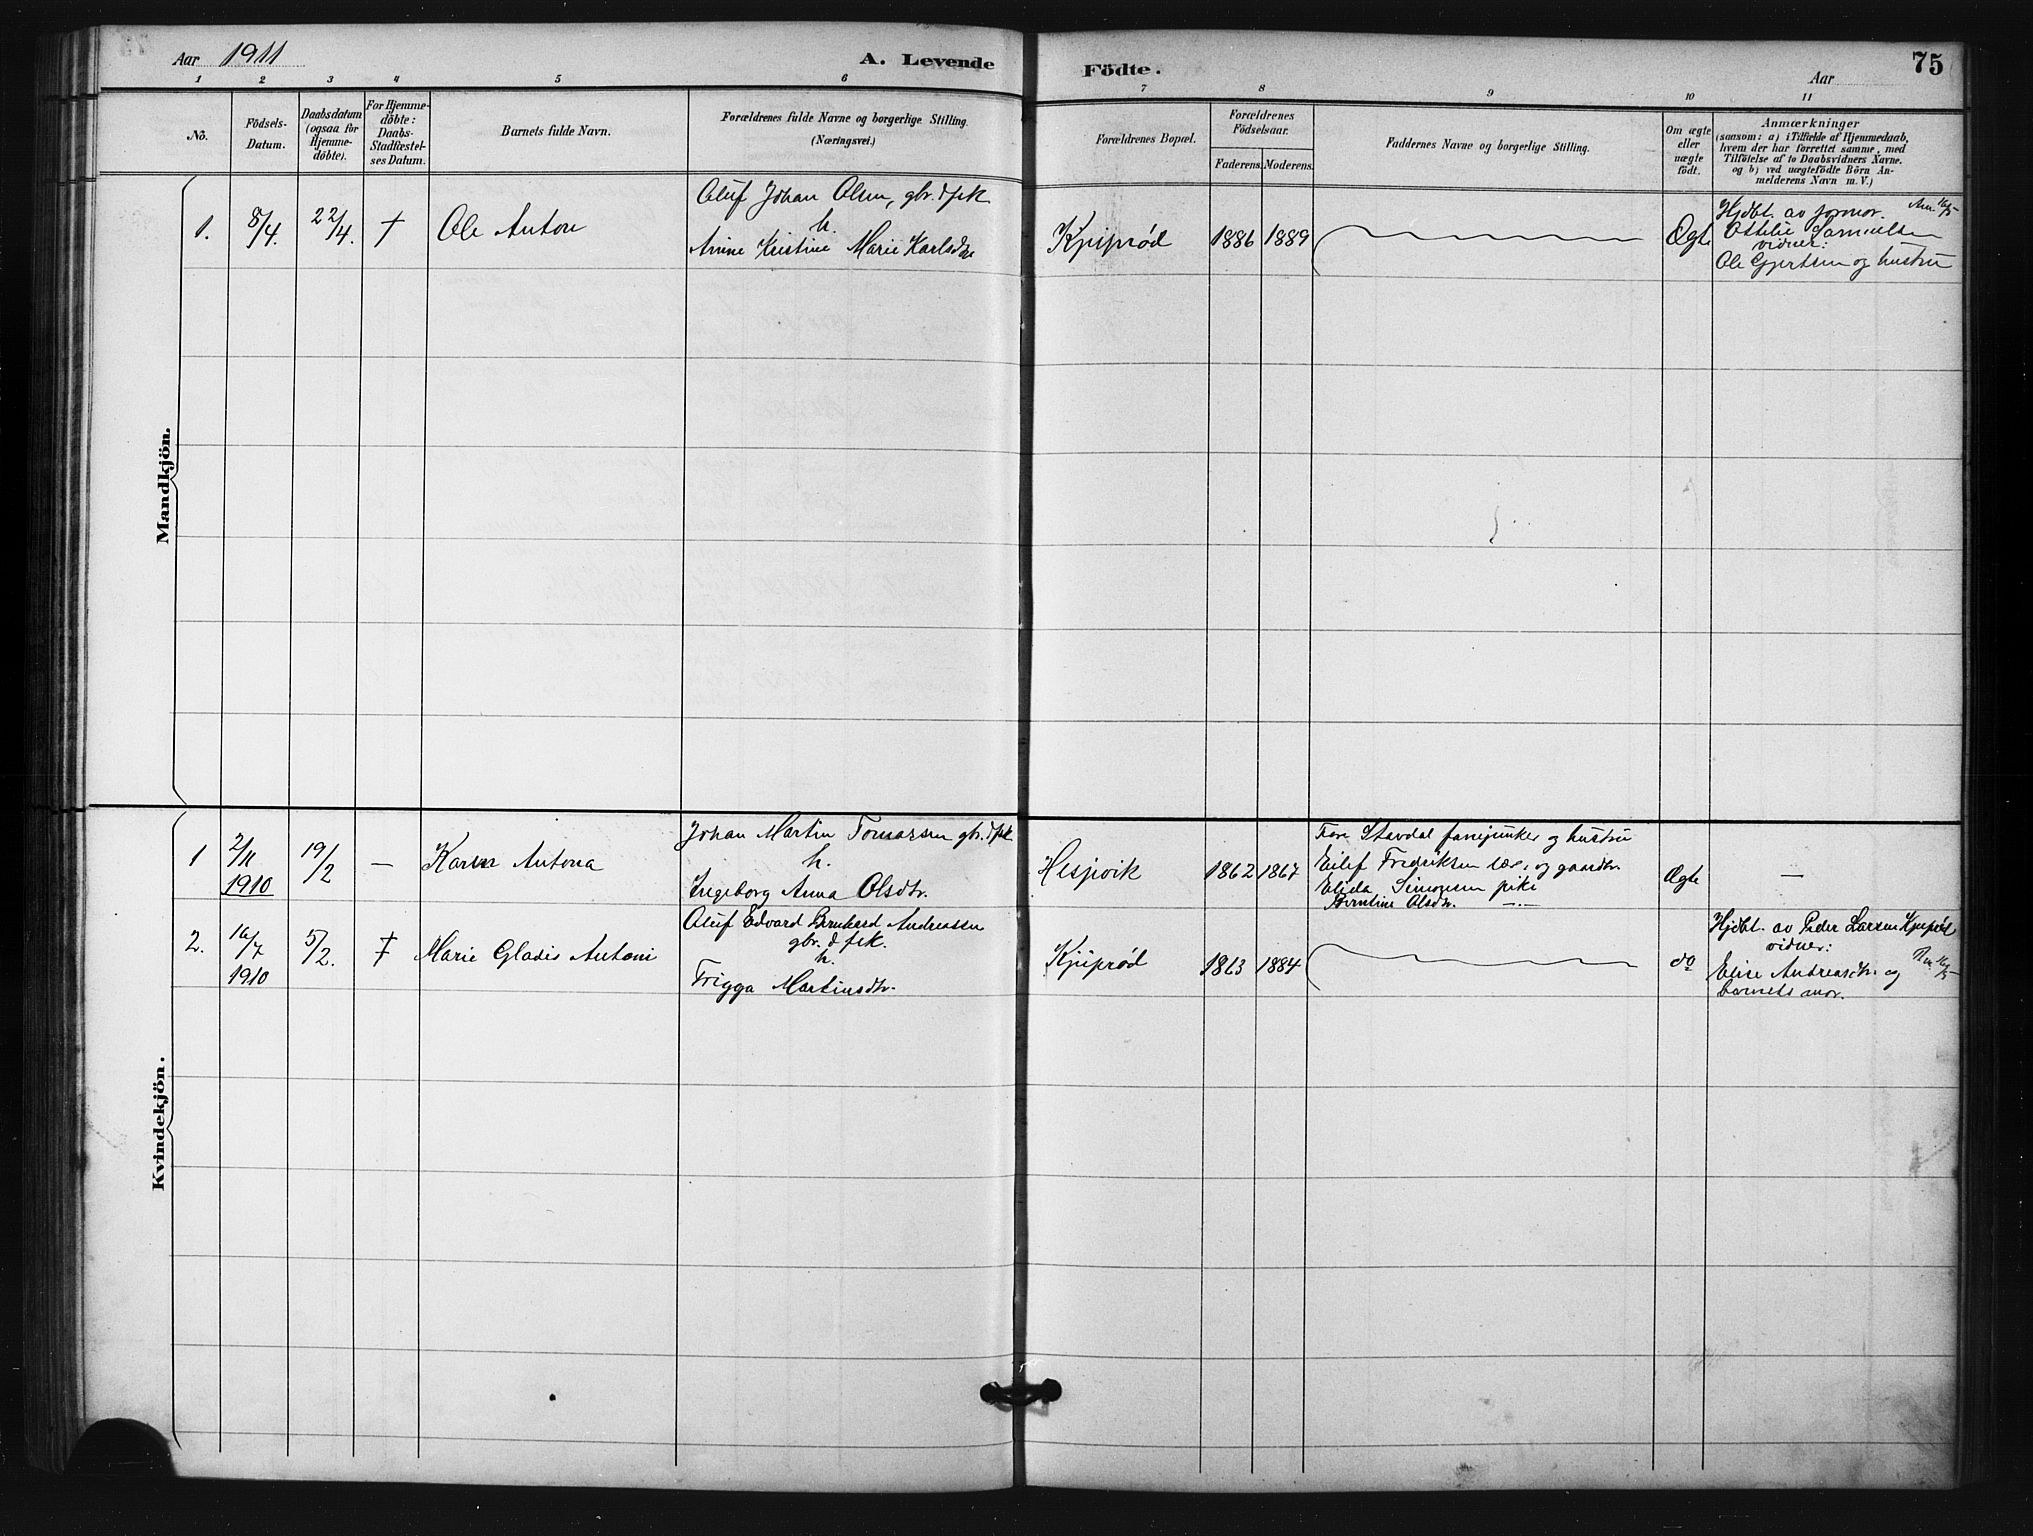 SATØ, Salangen sokneprestembete, H/Ha/L0001klokker: Klokkerbok nr. 1, 1893-1910, s. 75